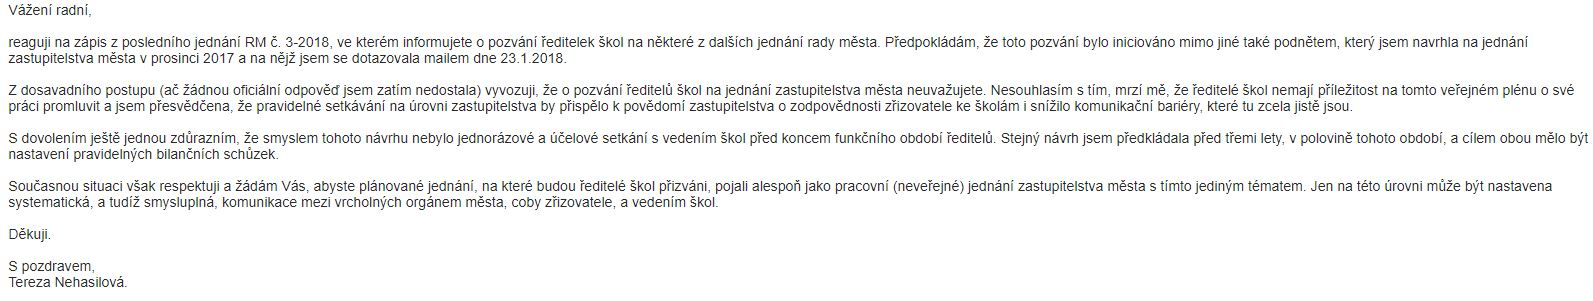 ředitelé_Výstřižek